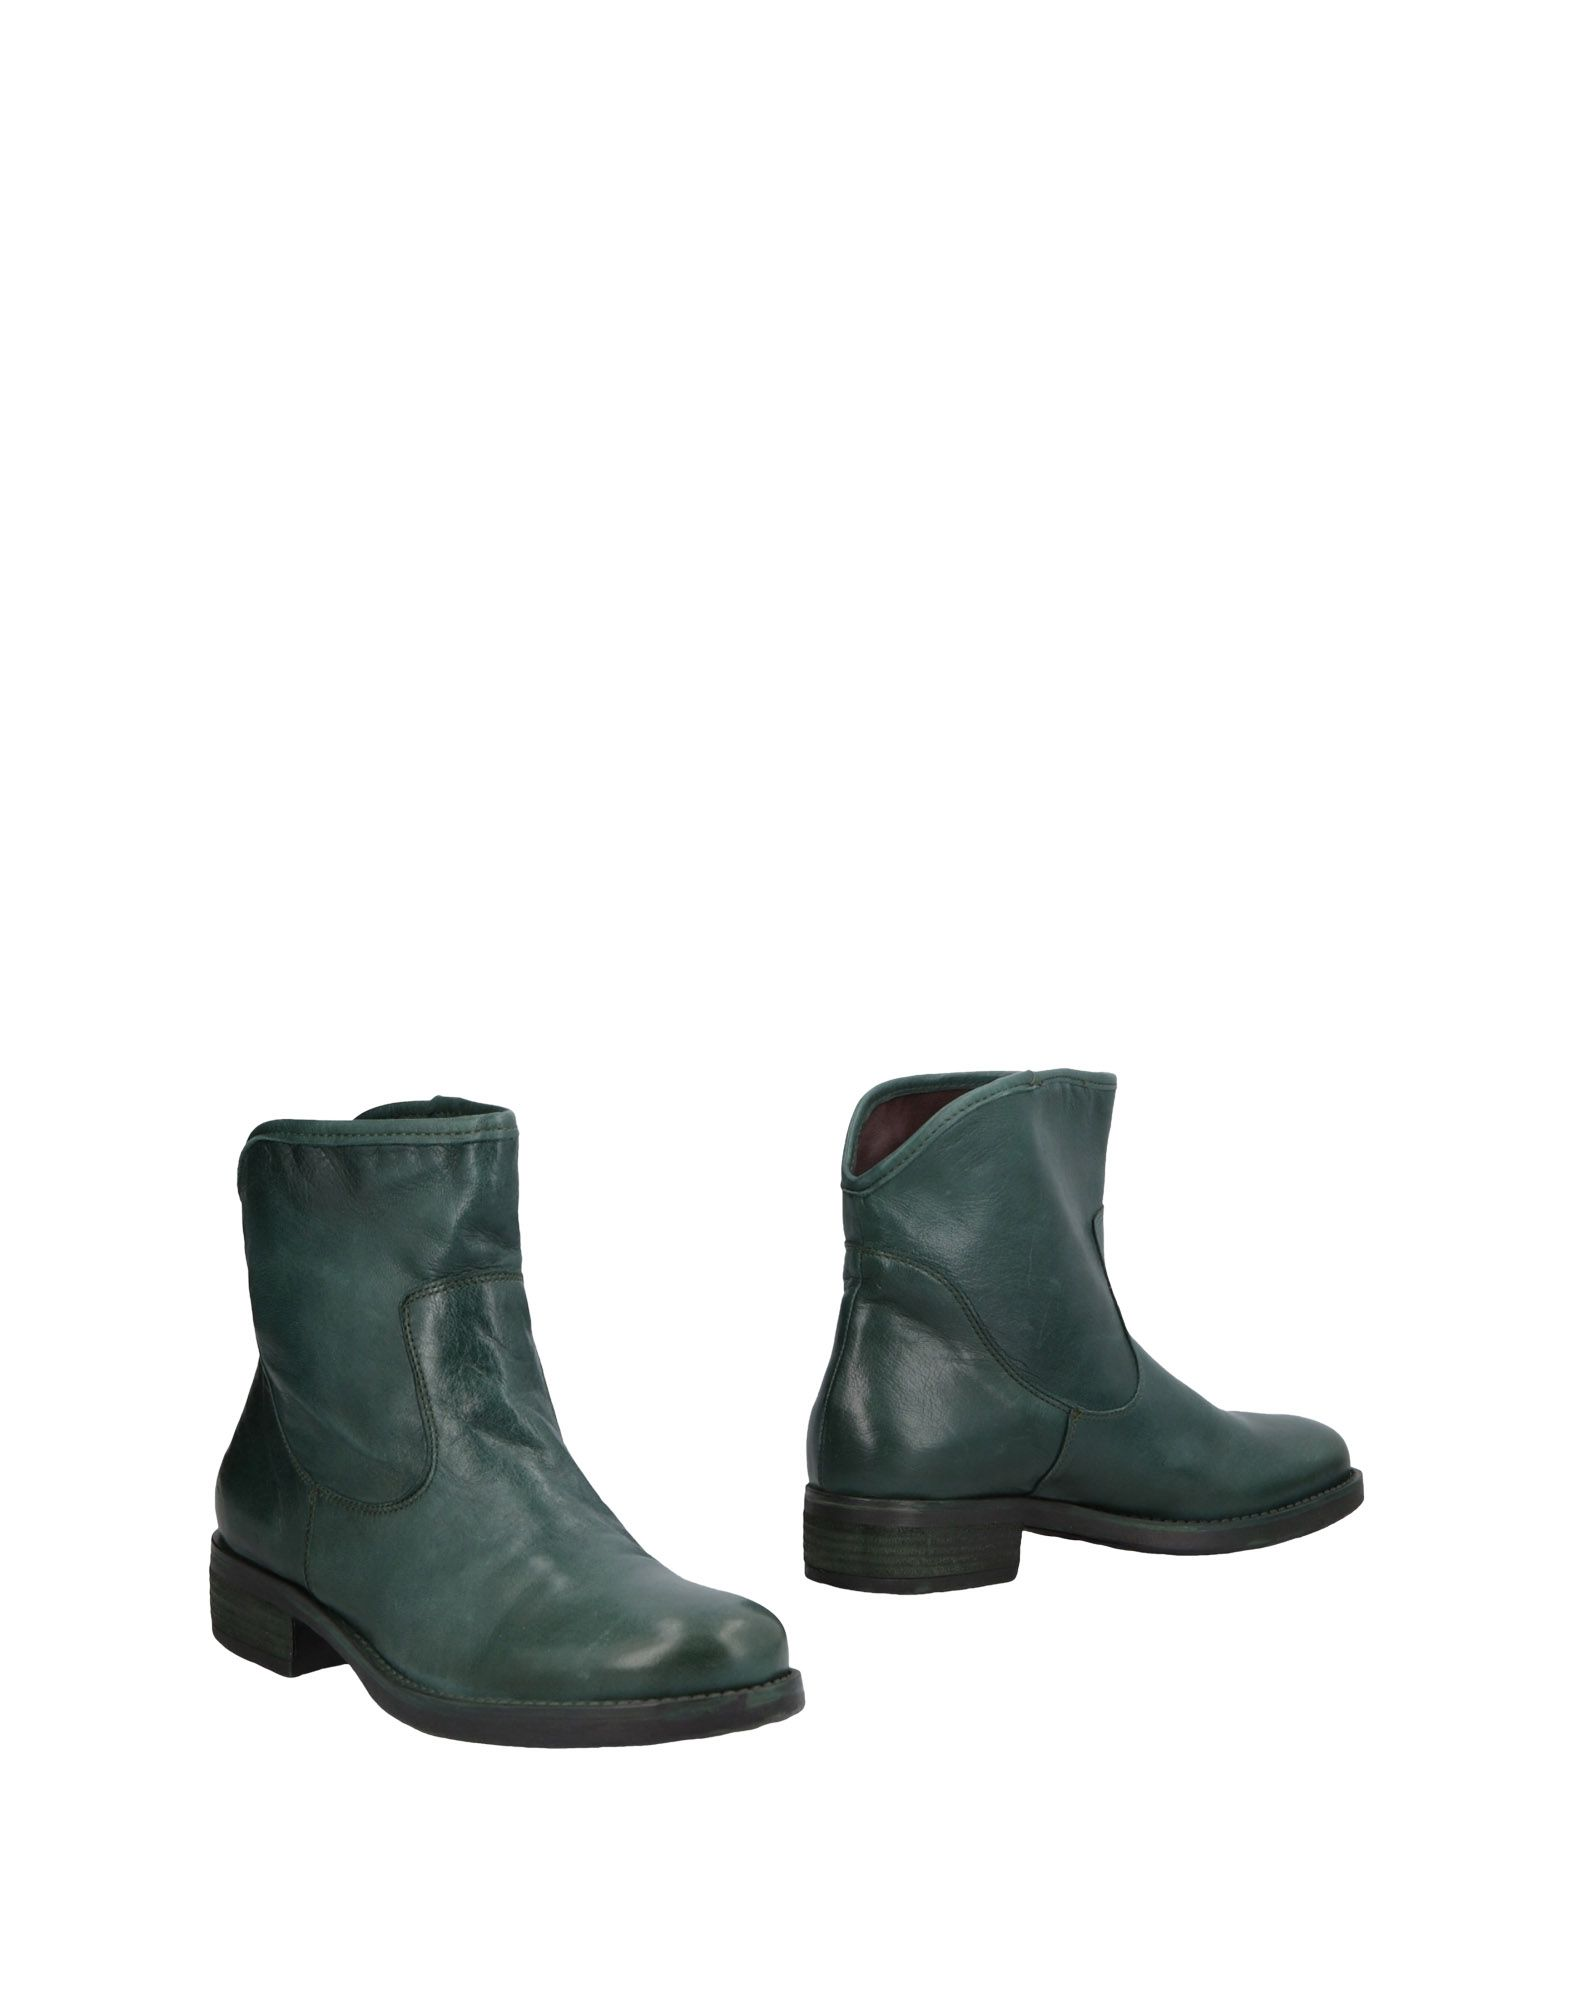 Anna Fidanza Stiefelette Damen  11473289OX Gute Qualität beliebte Schuhe